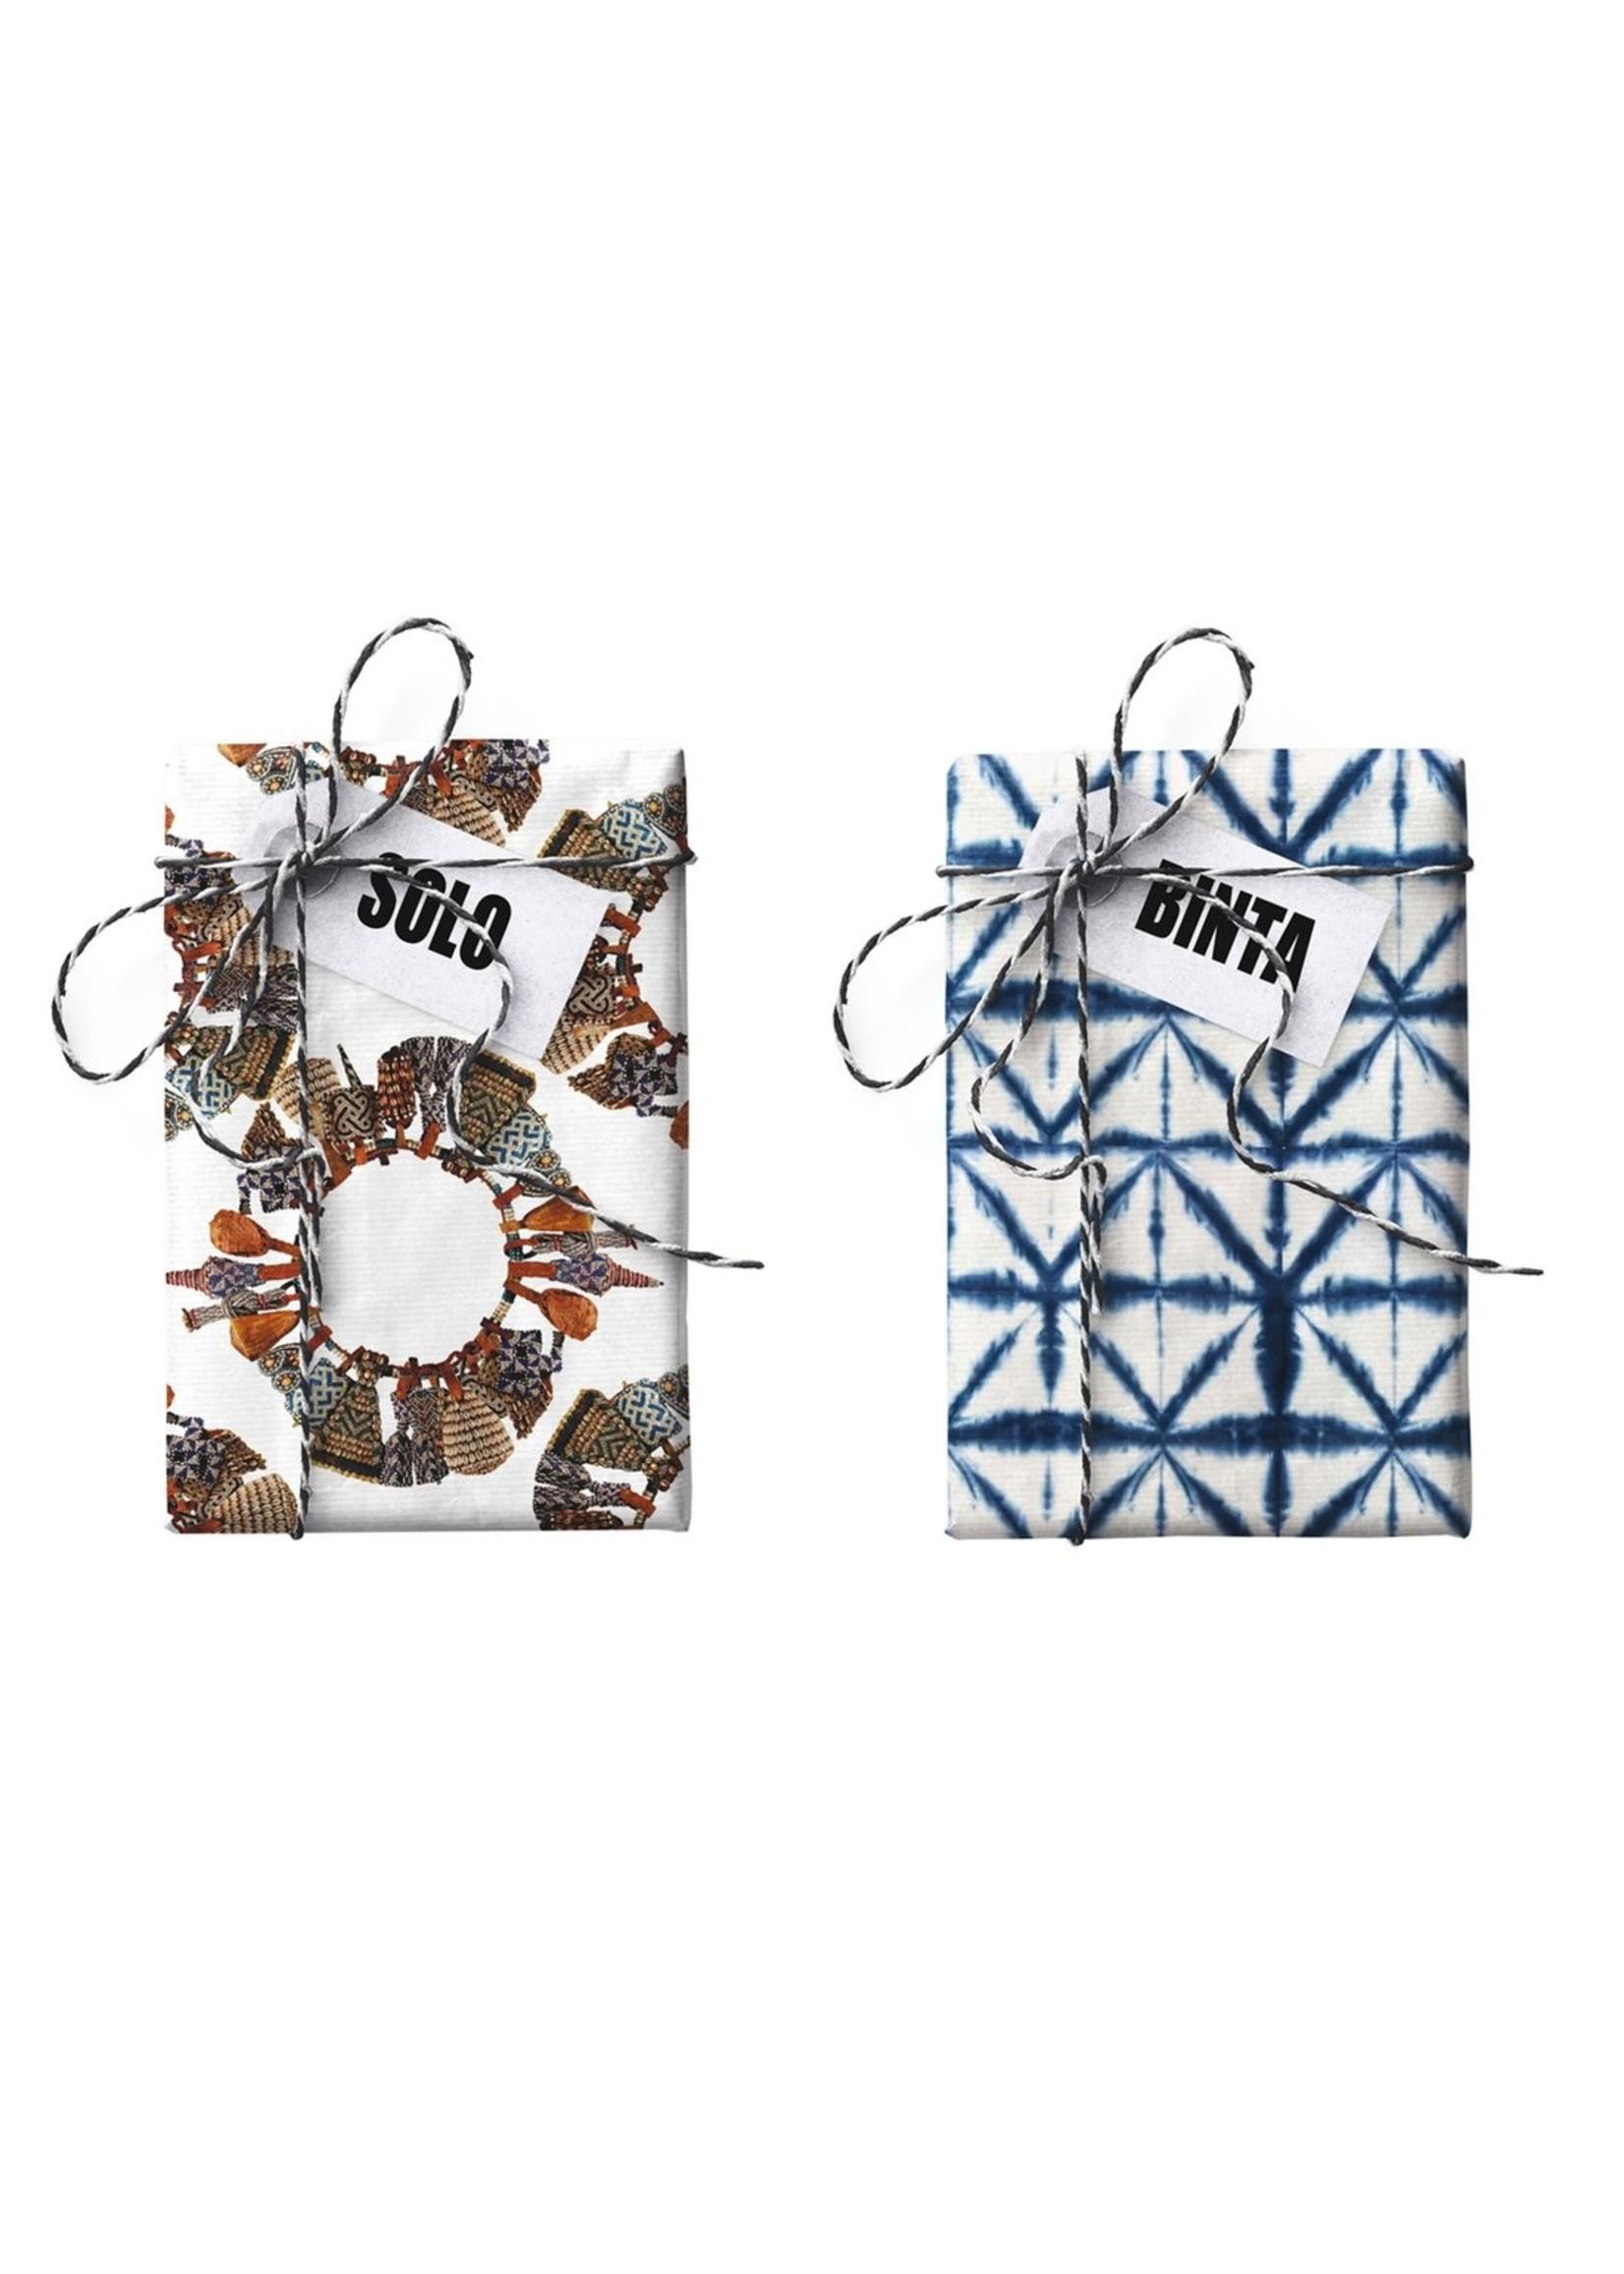 Solo/Binta Double-sided Gift Wrap